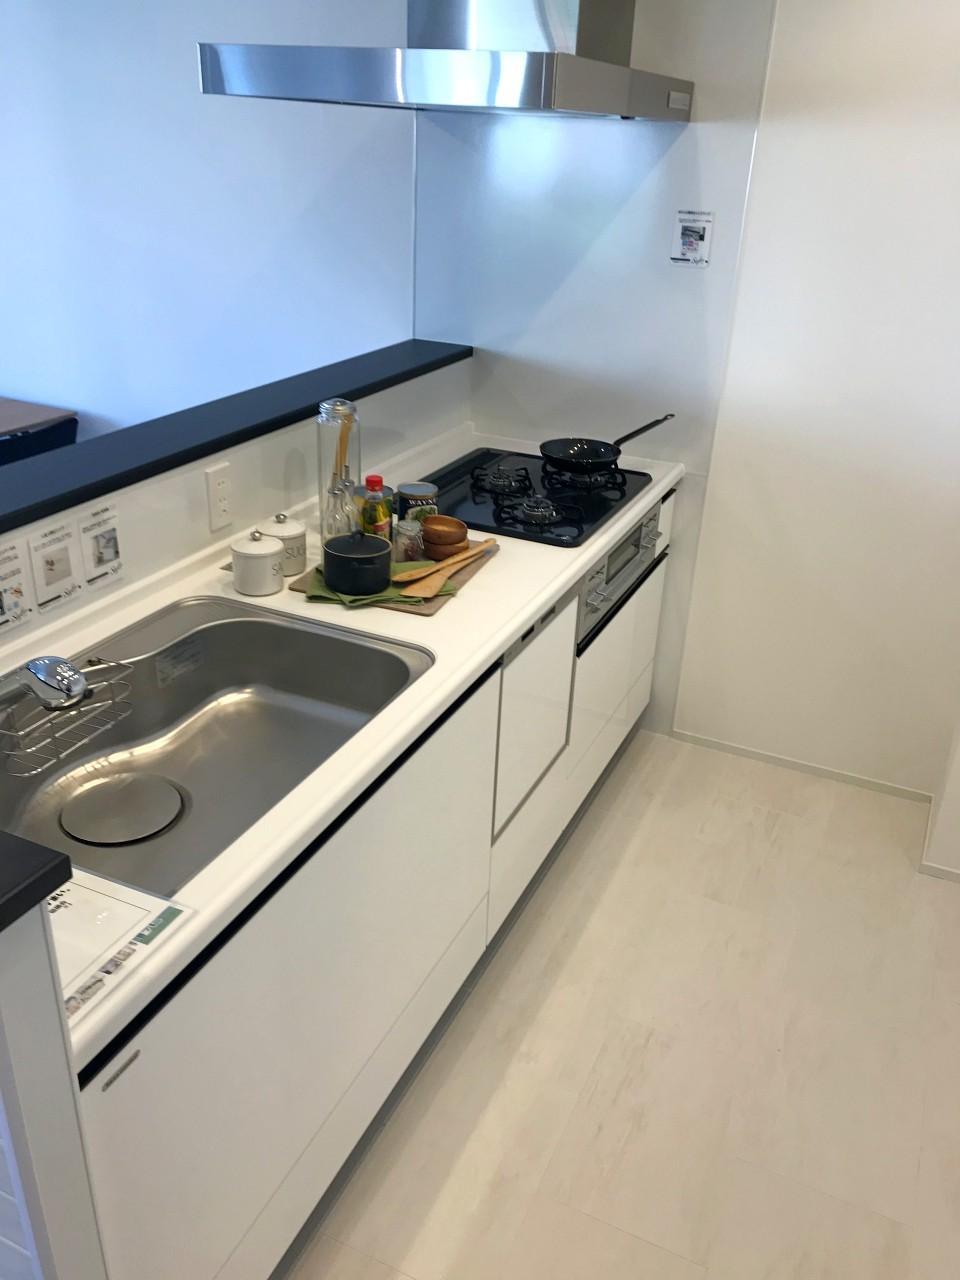 食洗機も含め、設備は一通り備わっています